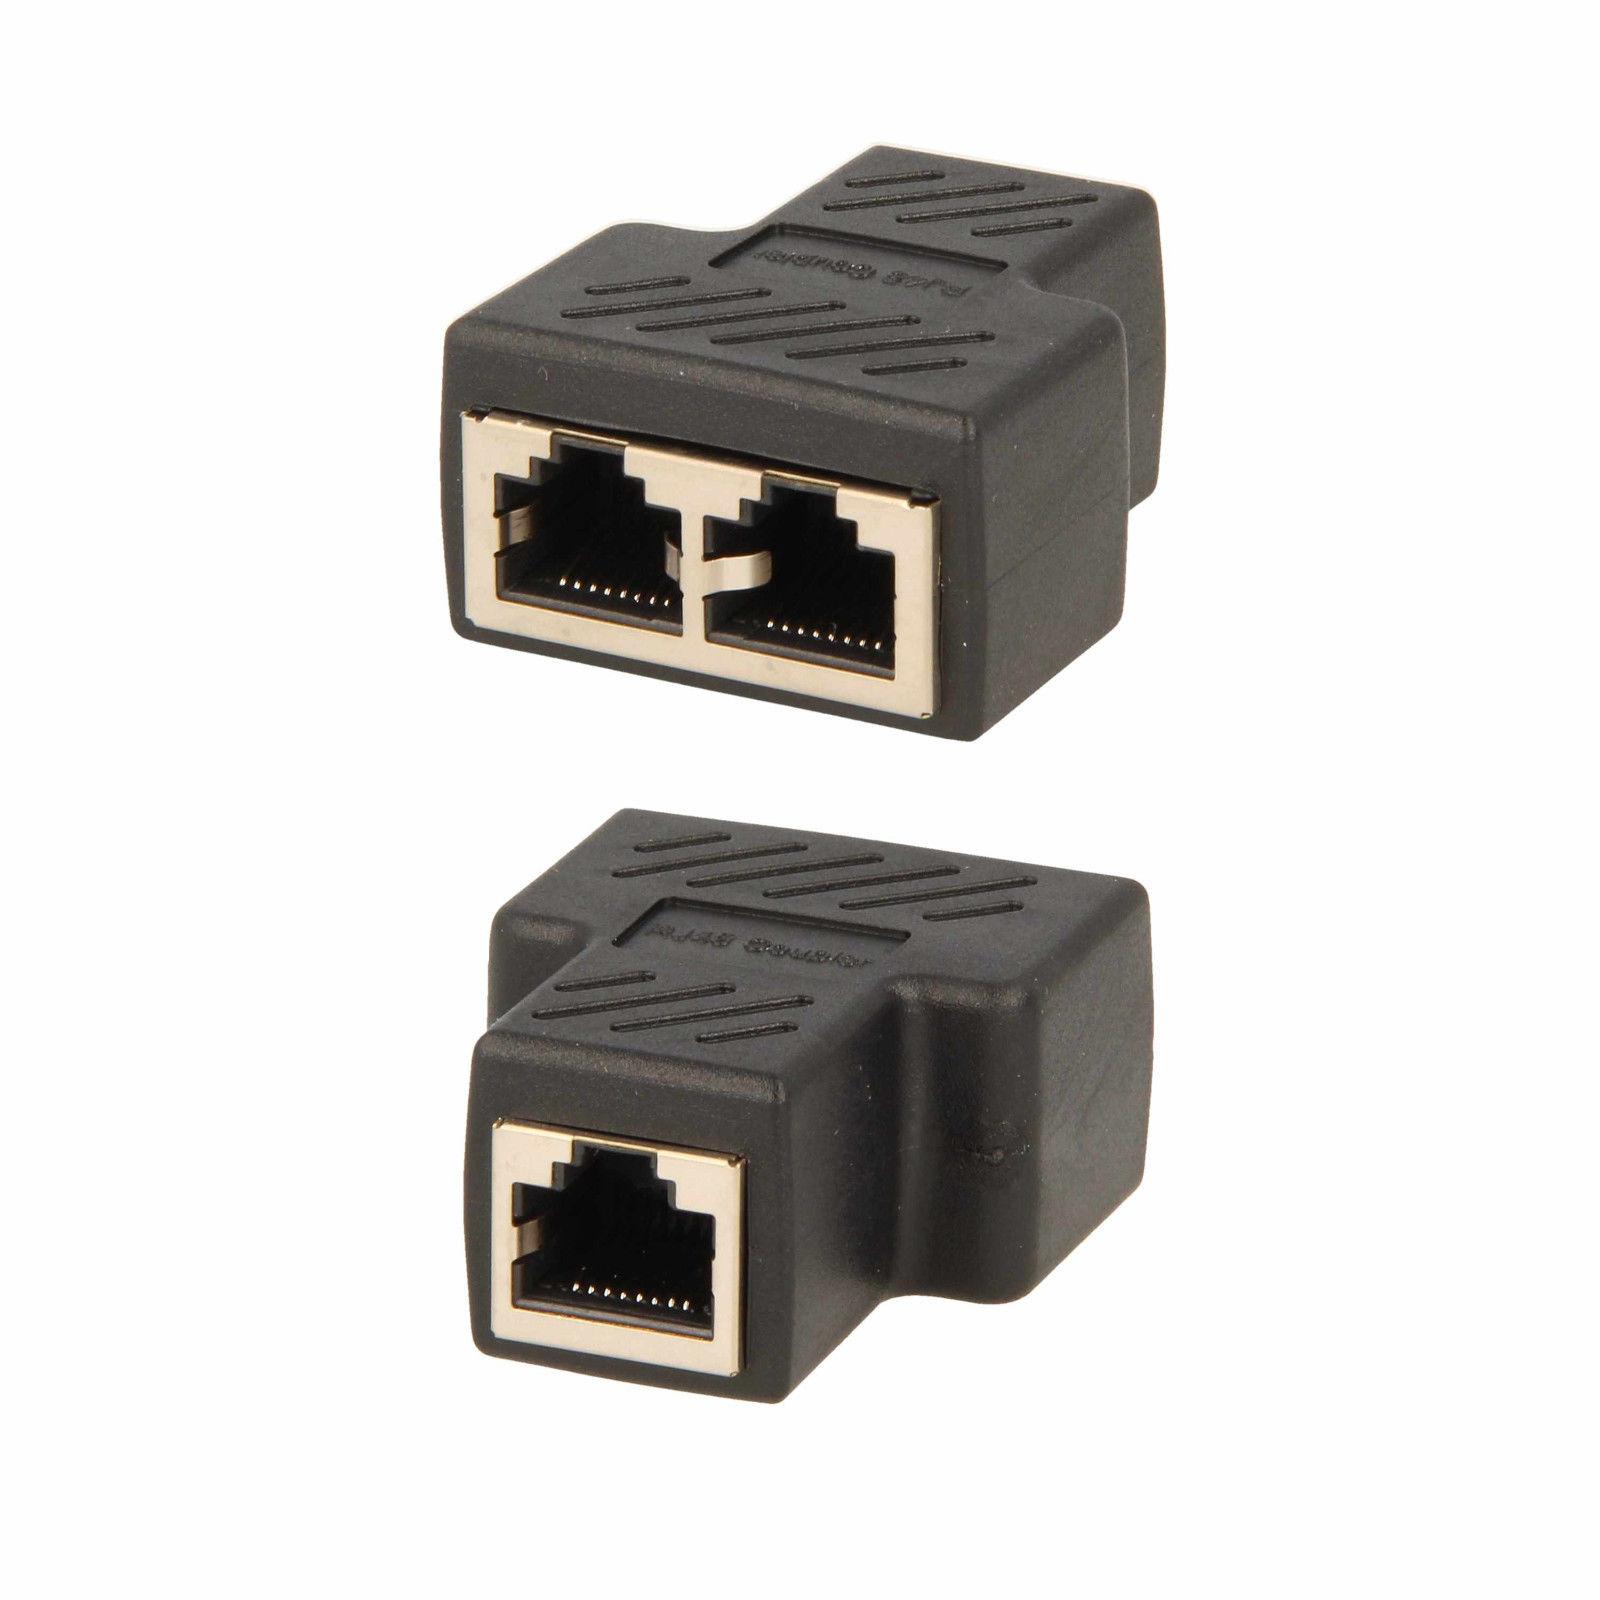 netzwerkkabel lan splitter verteiler rj45 8p8c kabel doppler cat5 cat 6 stecker ebay. Black Bedroom Furniture Sets. Home Design Ideas